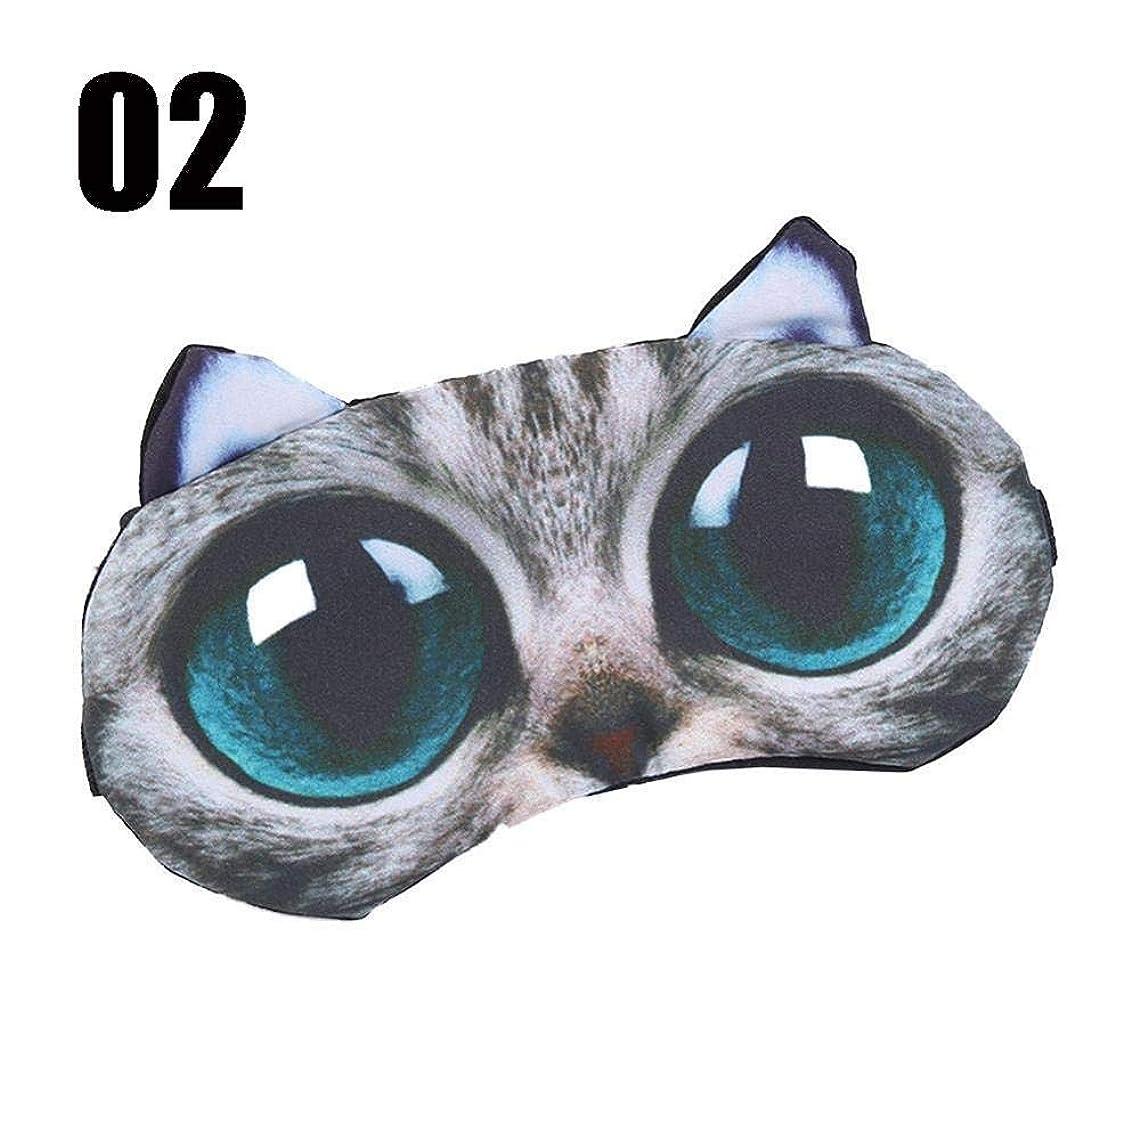 壊滅的な揃える雨NOTE かわいい猫睡眠マスクアイマスクアイシェードカバーシェードナチュラルスリーピングアイパッチ女性男性ソフトポータブル目隠し旅行アイパッチ